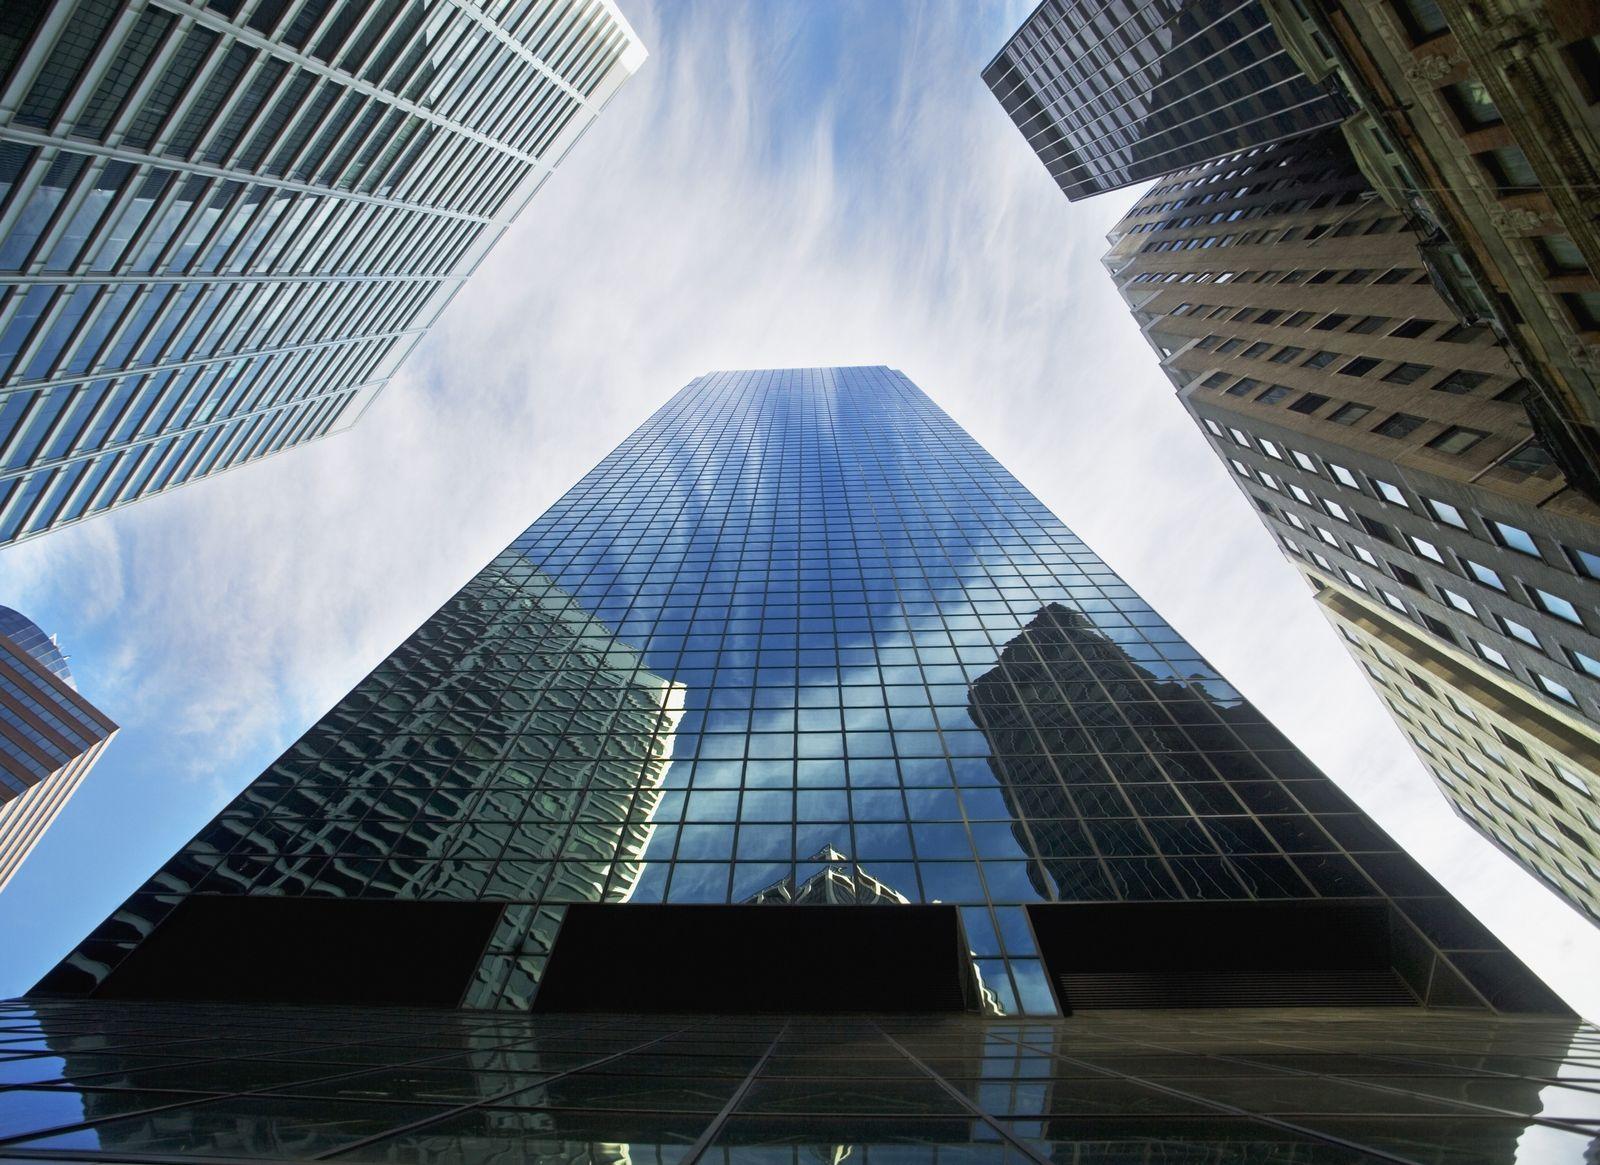 NICHT MEHR VERWENDEN! - New Yoek / Wall Street / Wolkenkratzer